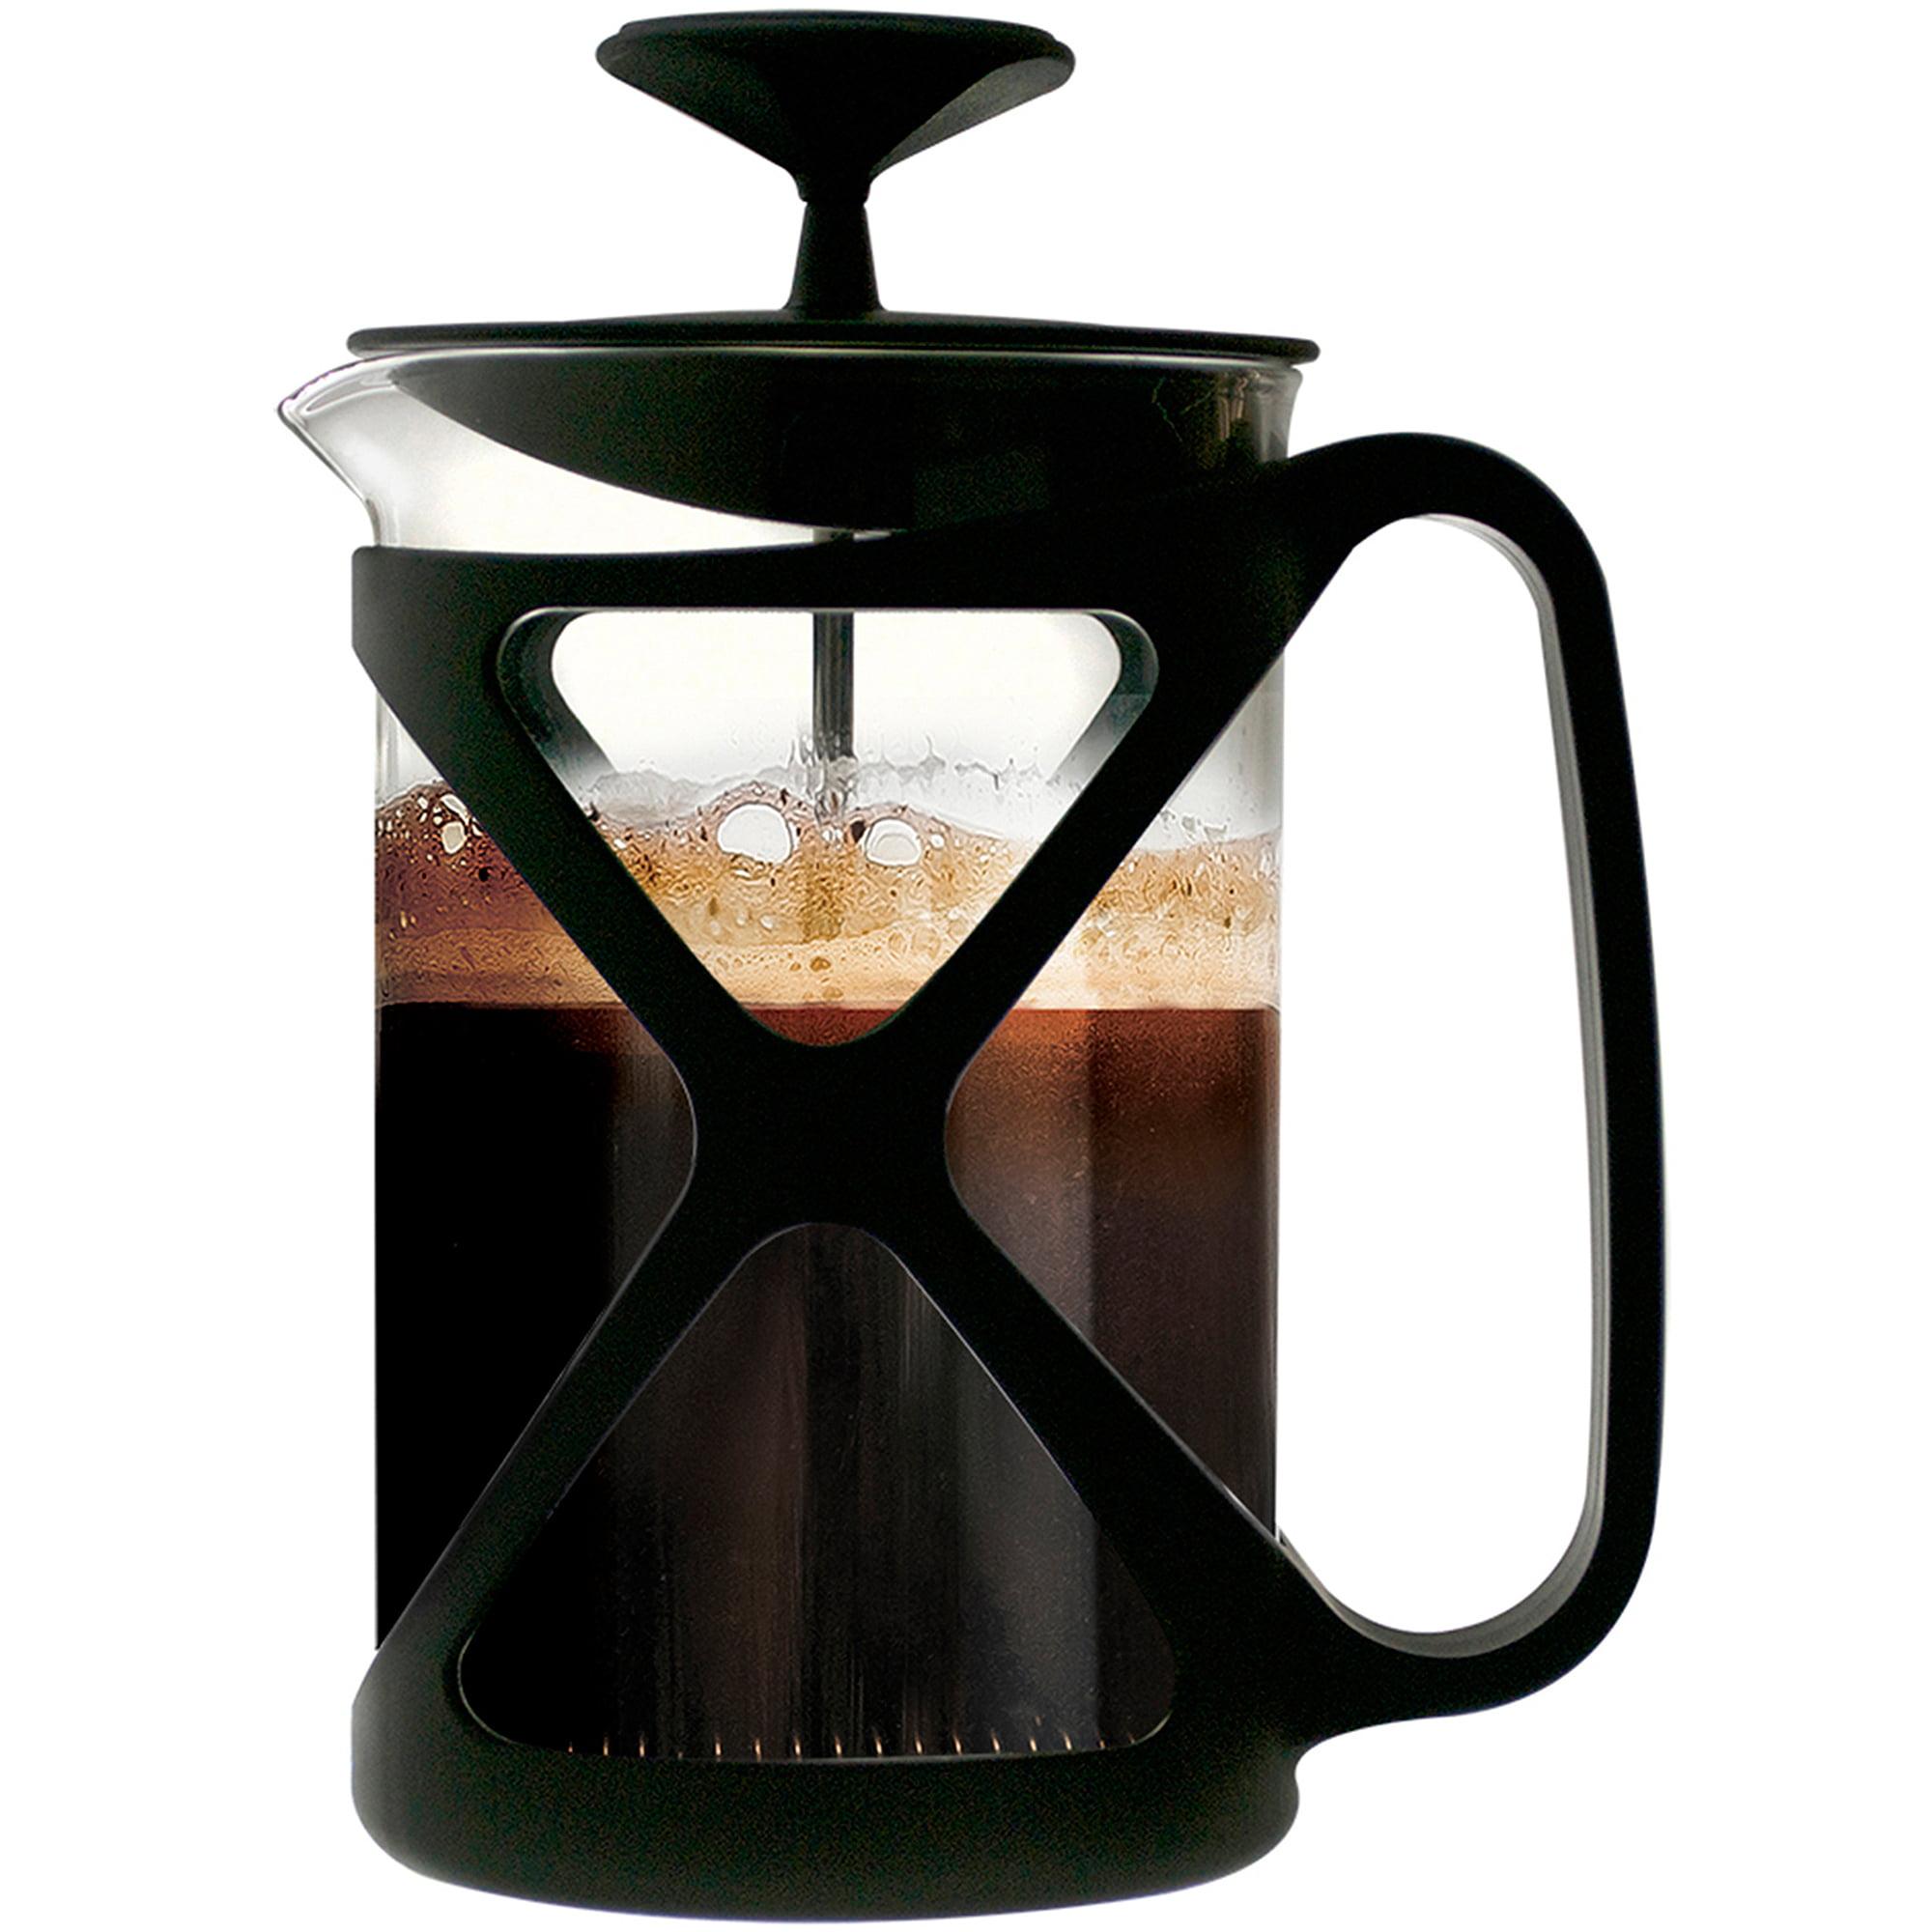 Primula Tempo 6-Cup Coffee Press, Black